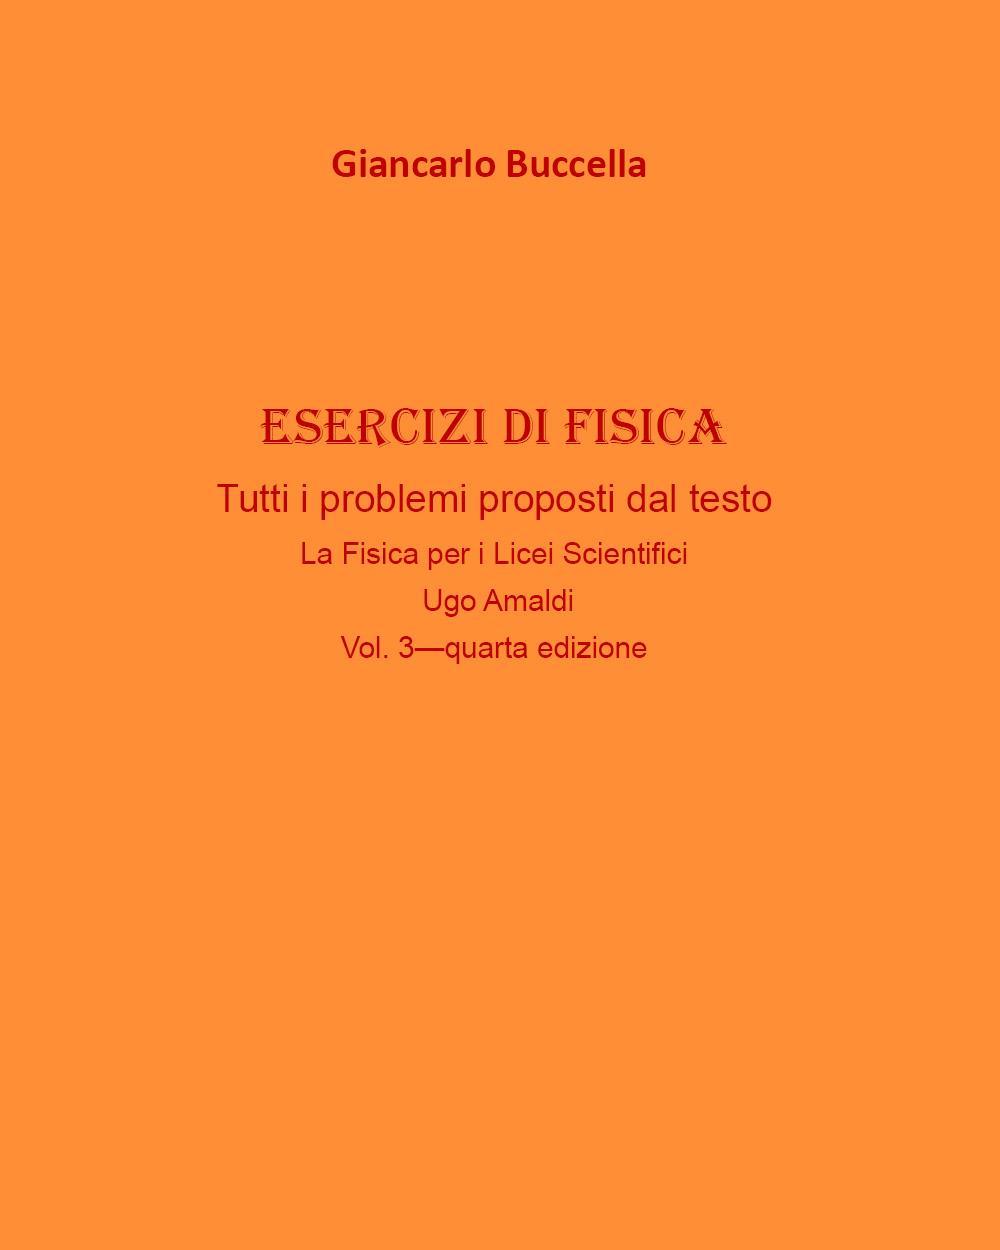 """Esercizi di Fisica – tutti i problemi proposti dal testo  """"La Fisica per i Licei Scientifici"""" di Ugo Amaldi - Vol. 3 (quarta edizione)"""